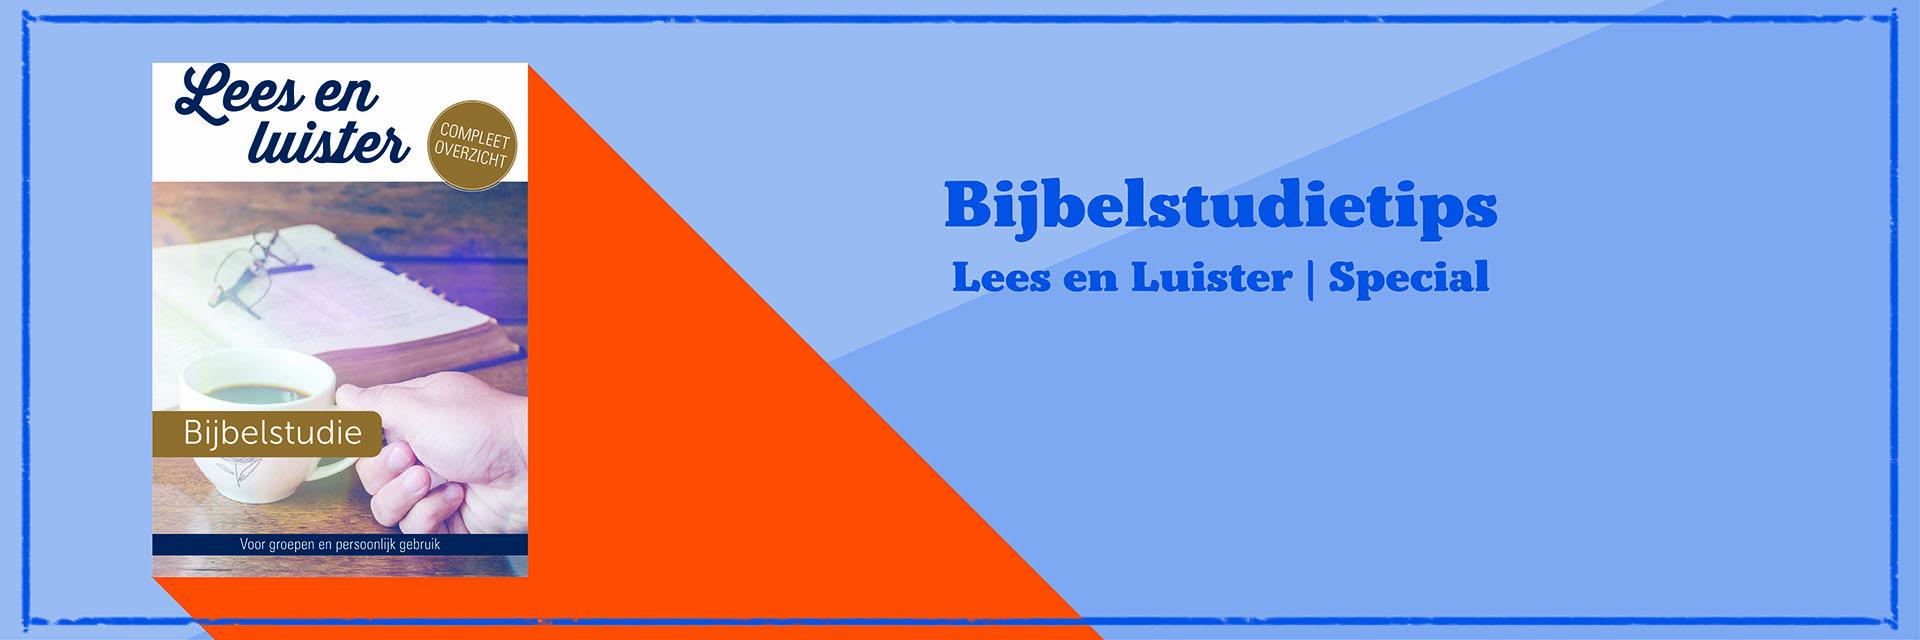 Bijbelstudietips (Lees en Luister Special 2020)